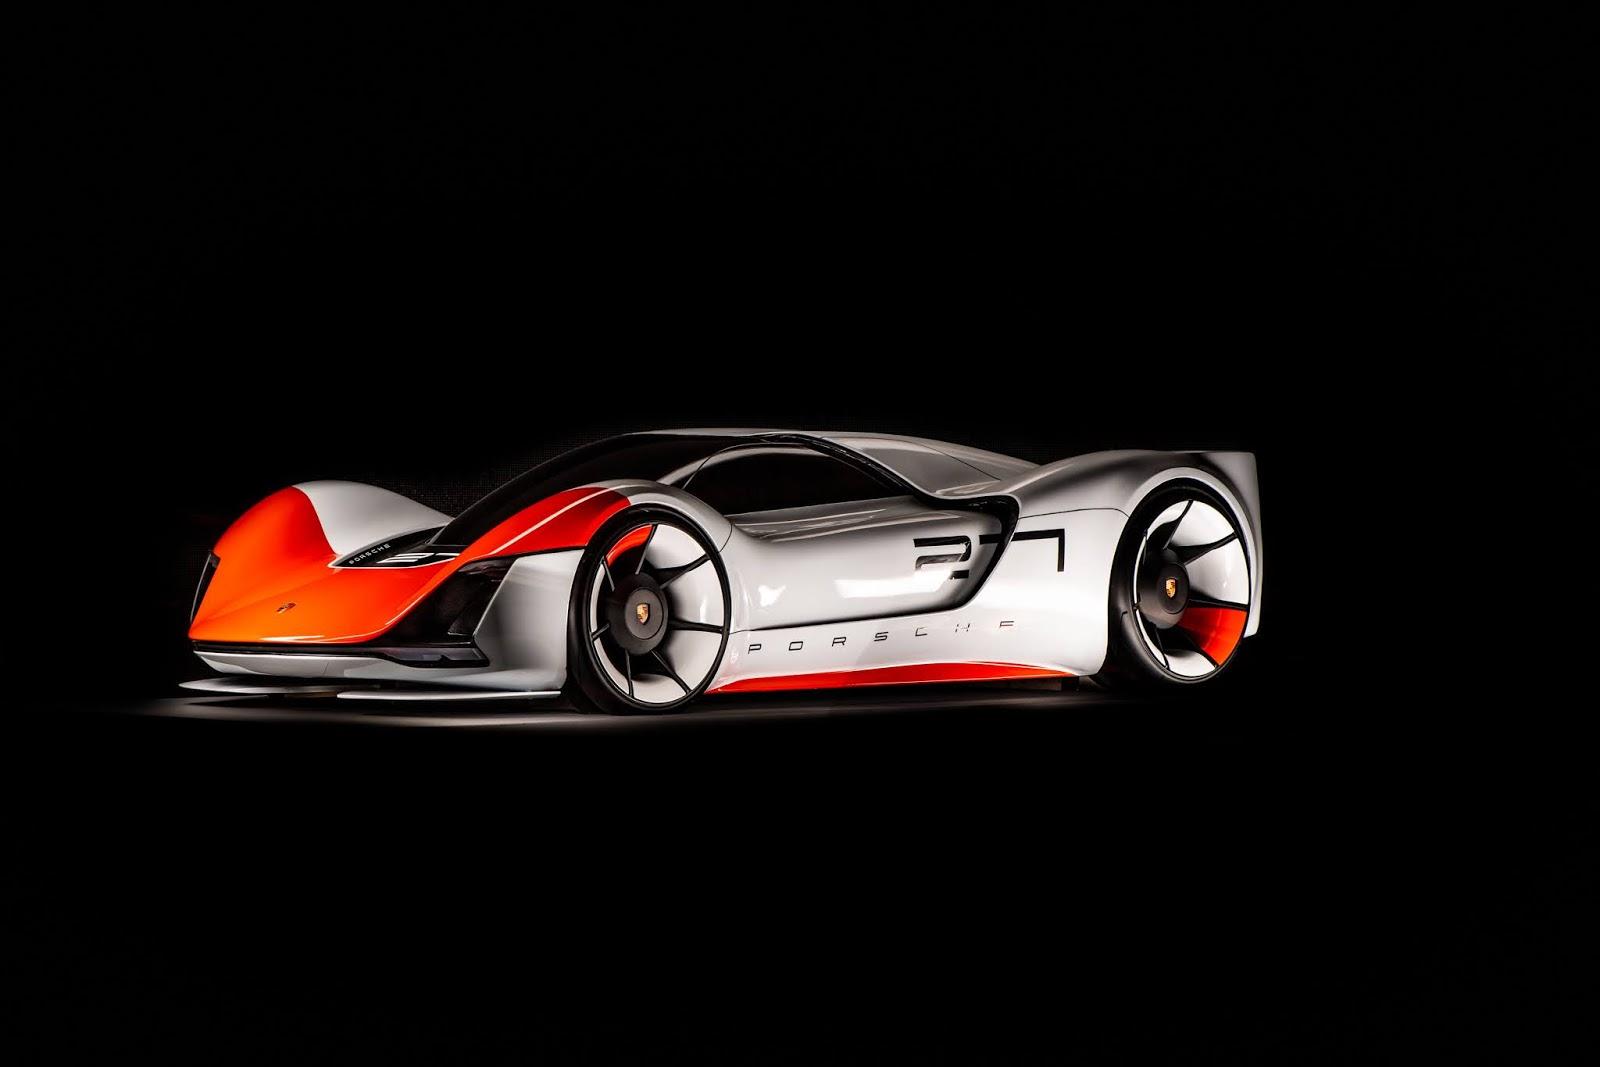 DSC9296 1 Τα άγνωστα Hypercars της Porsche hypercar, Porsche, Porsche Unseen, Sunday, supercar, supercars, zblog, ειδήσεις